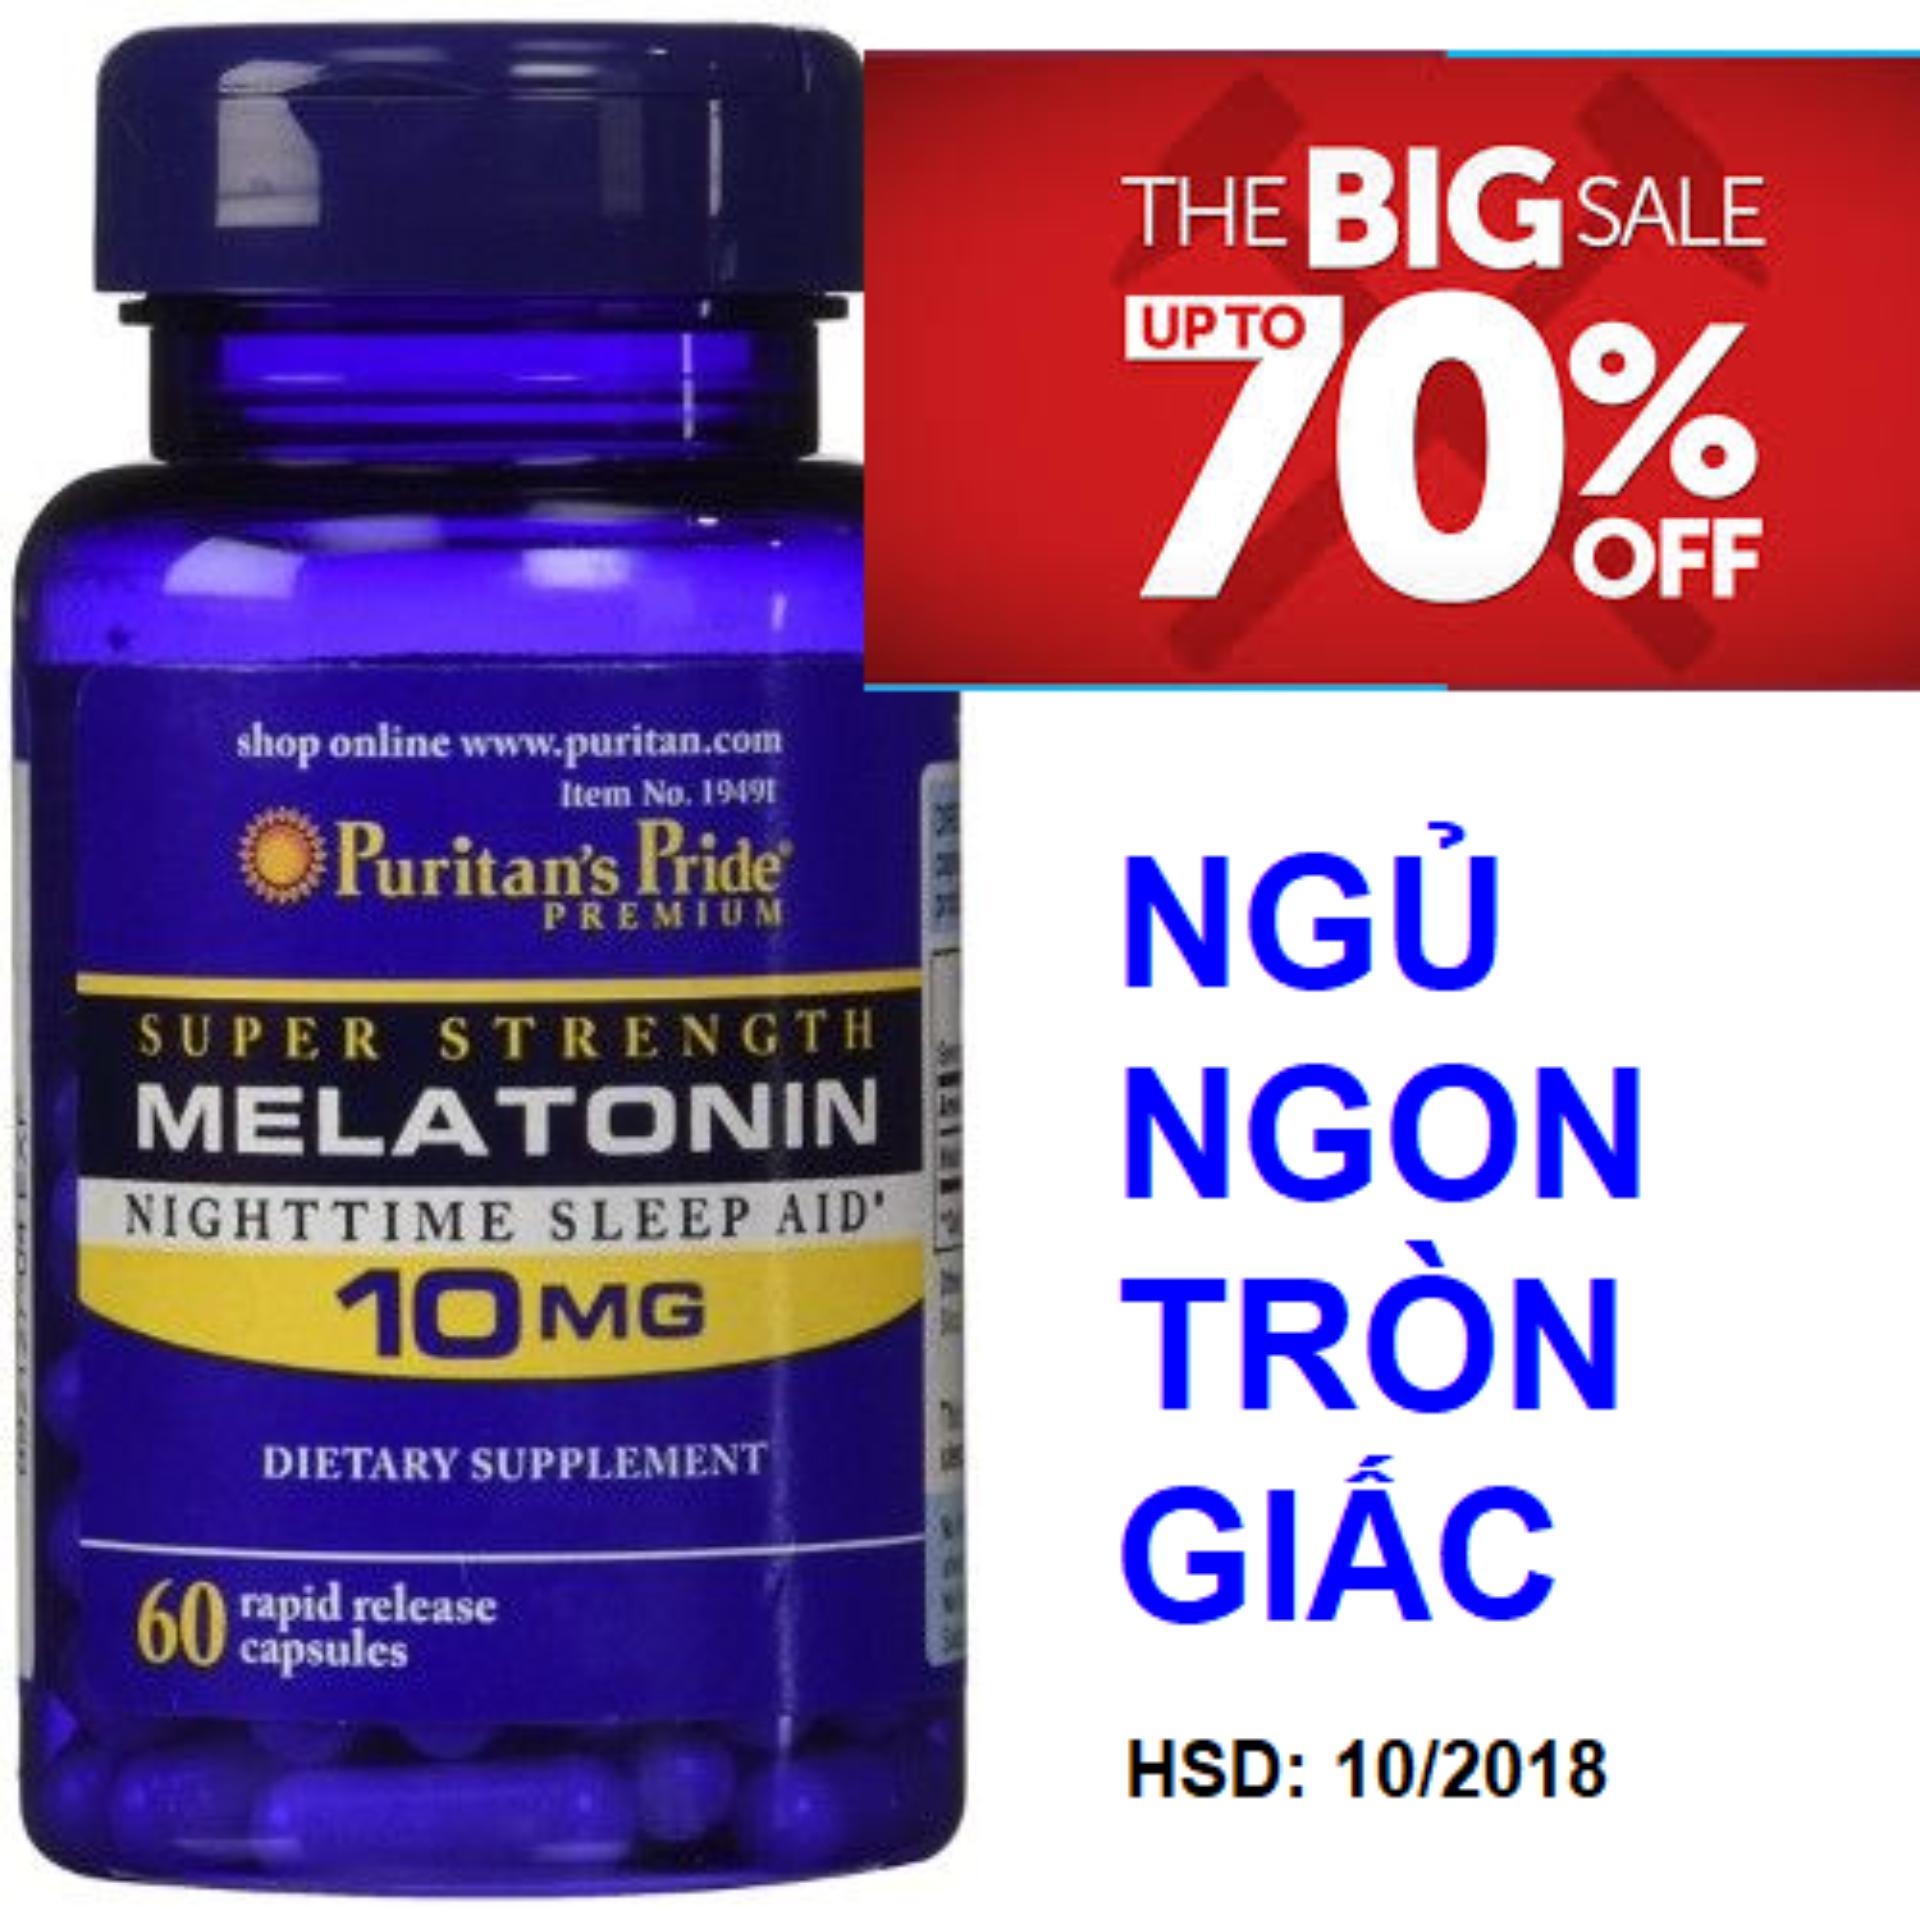 Viên uống hỗ trợ giấc ngủ tự nhiên, giúp ngủ ngon không gây tác dụng phụ Puritans Pride Extra Strength Melatonin 5mg 60 viên HSD tháng 10/2018